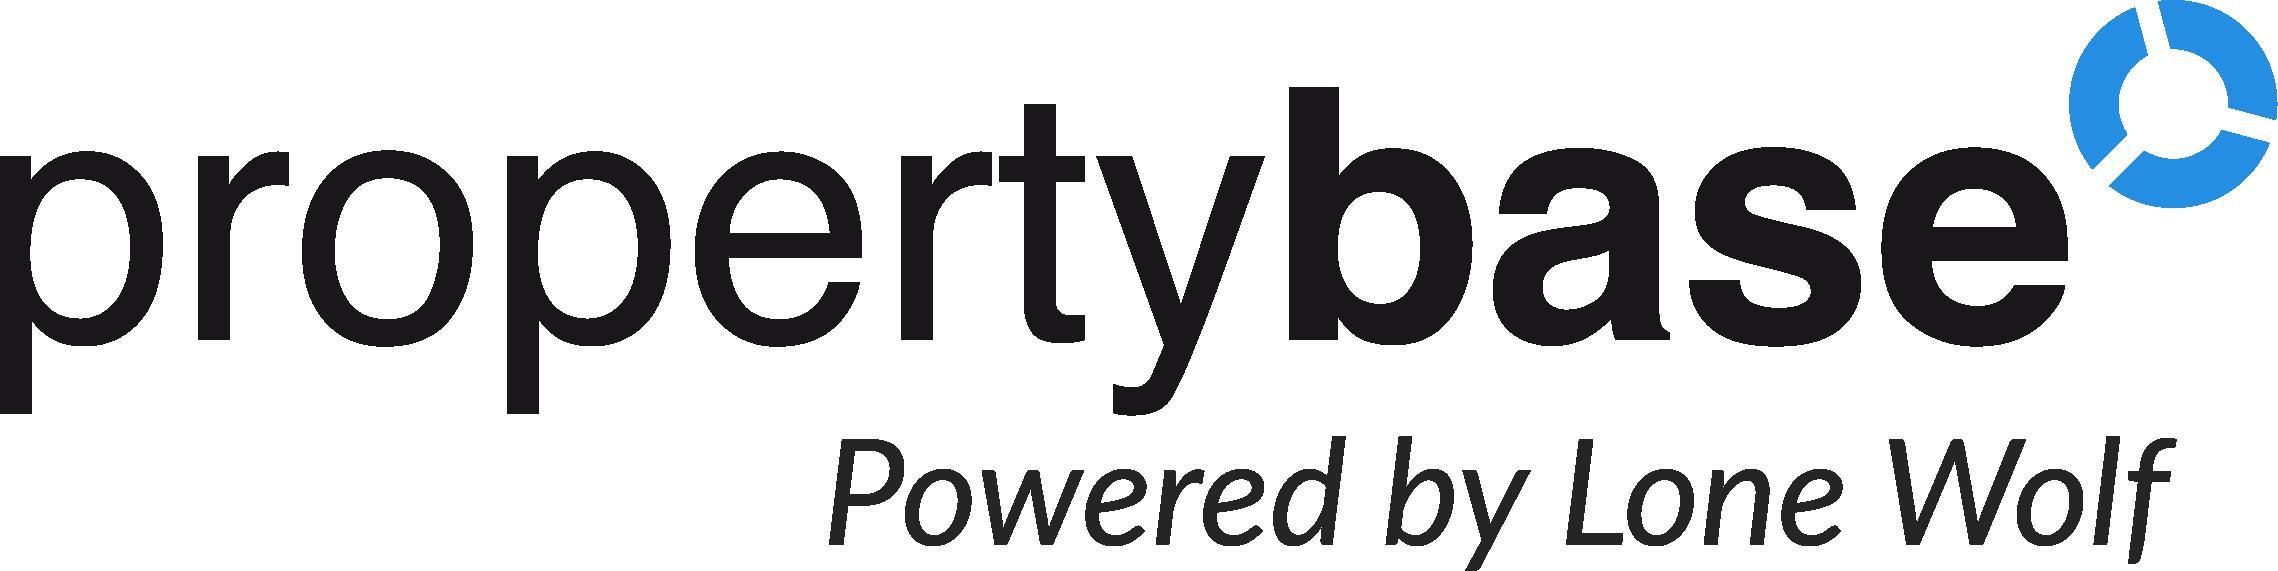 propertybase logo black and blue